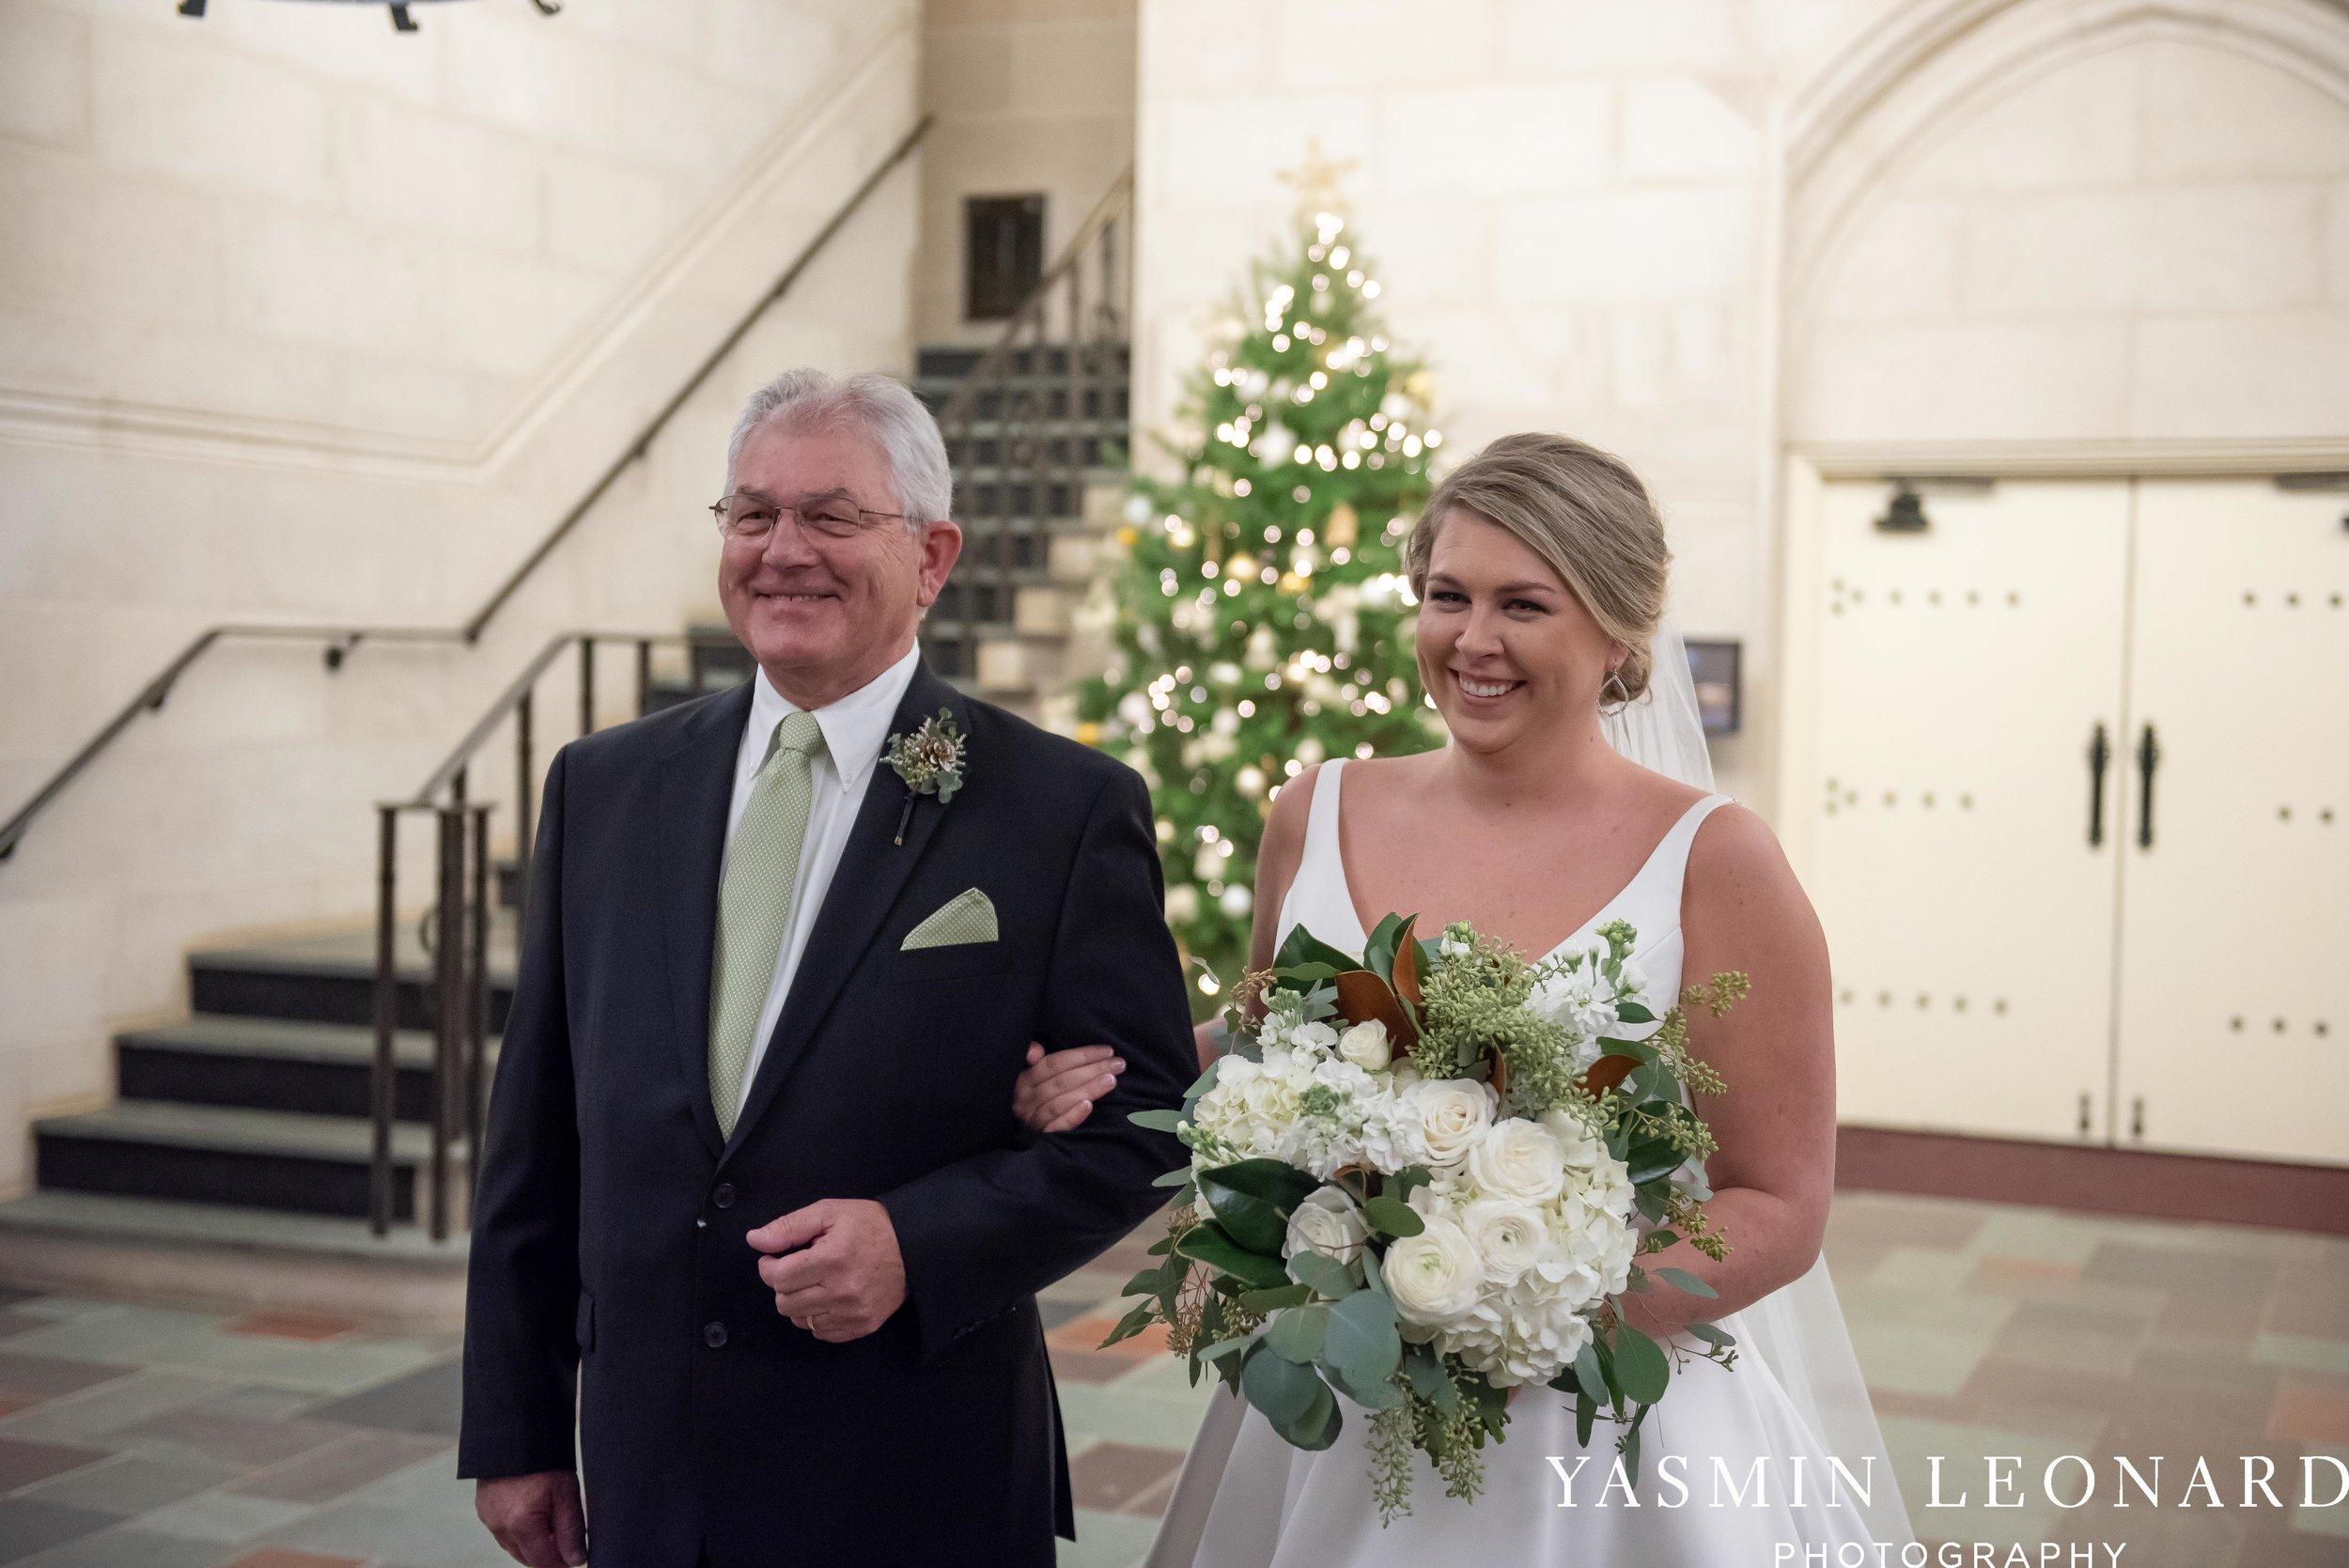 Adaumont Farm - Wesley Memorial Weddings - High Point Weddings - Just Priceless - NC Wedding Photographer - Yasmin Leonard Photography - High Point Wedding Vendors-27.jpg